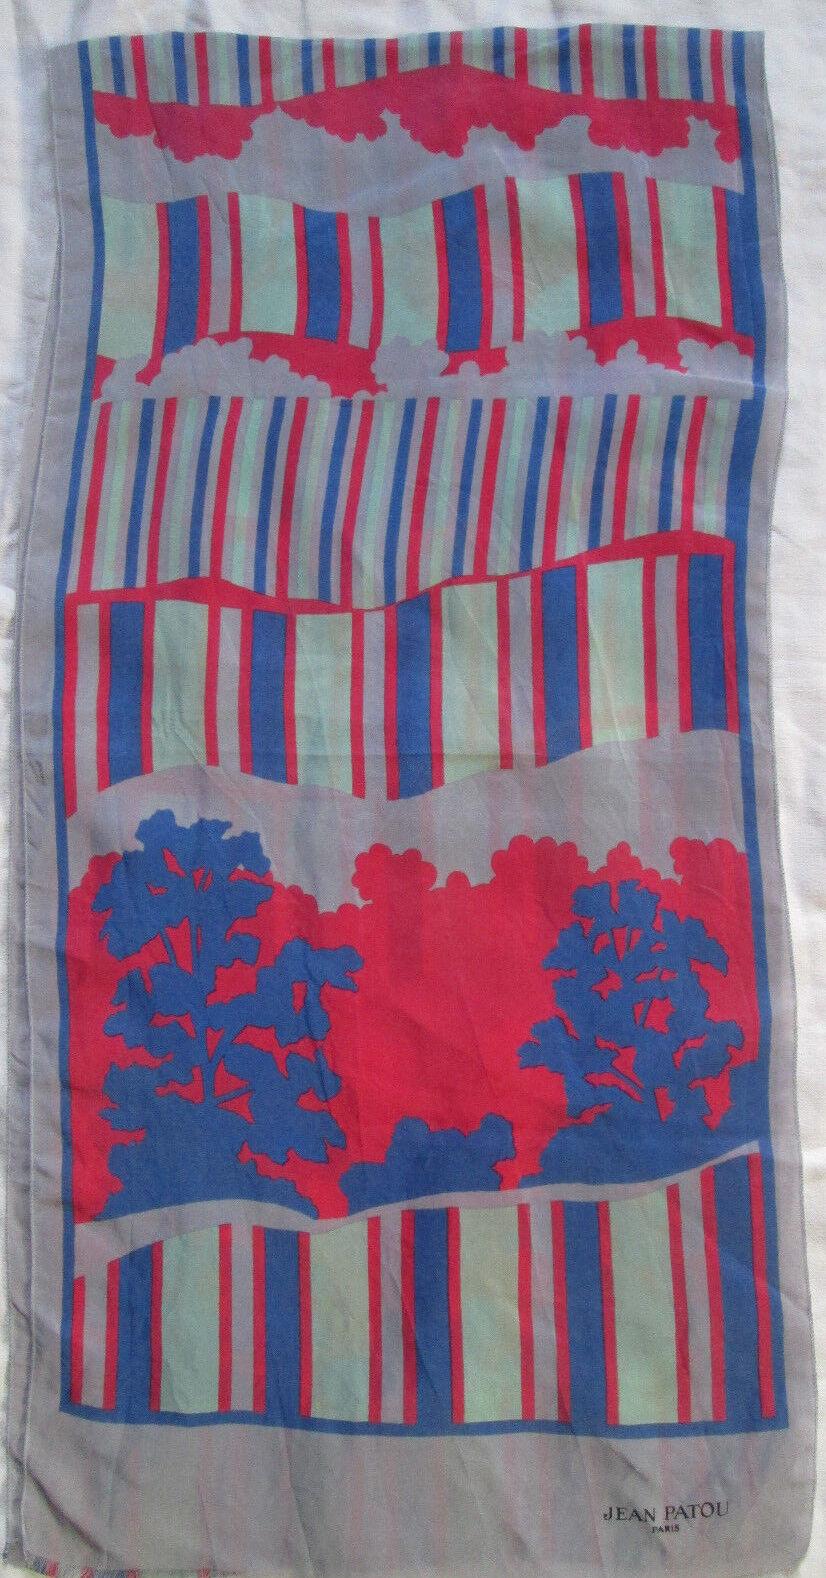 - scarf jean patou vintage silk scarf 30 x 125 cm